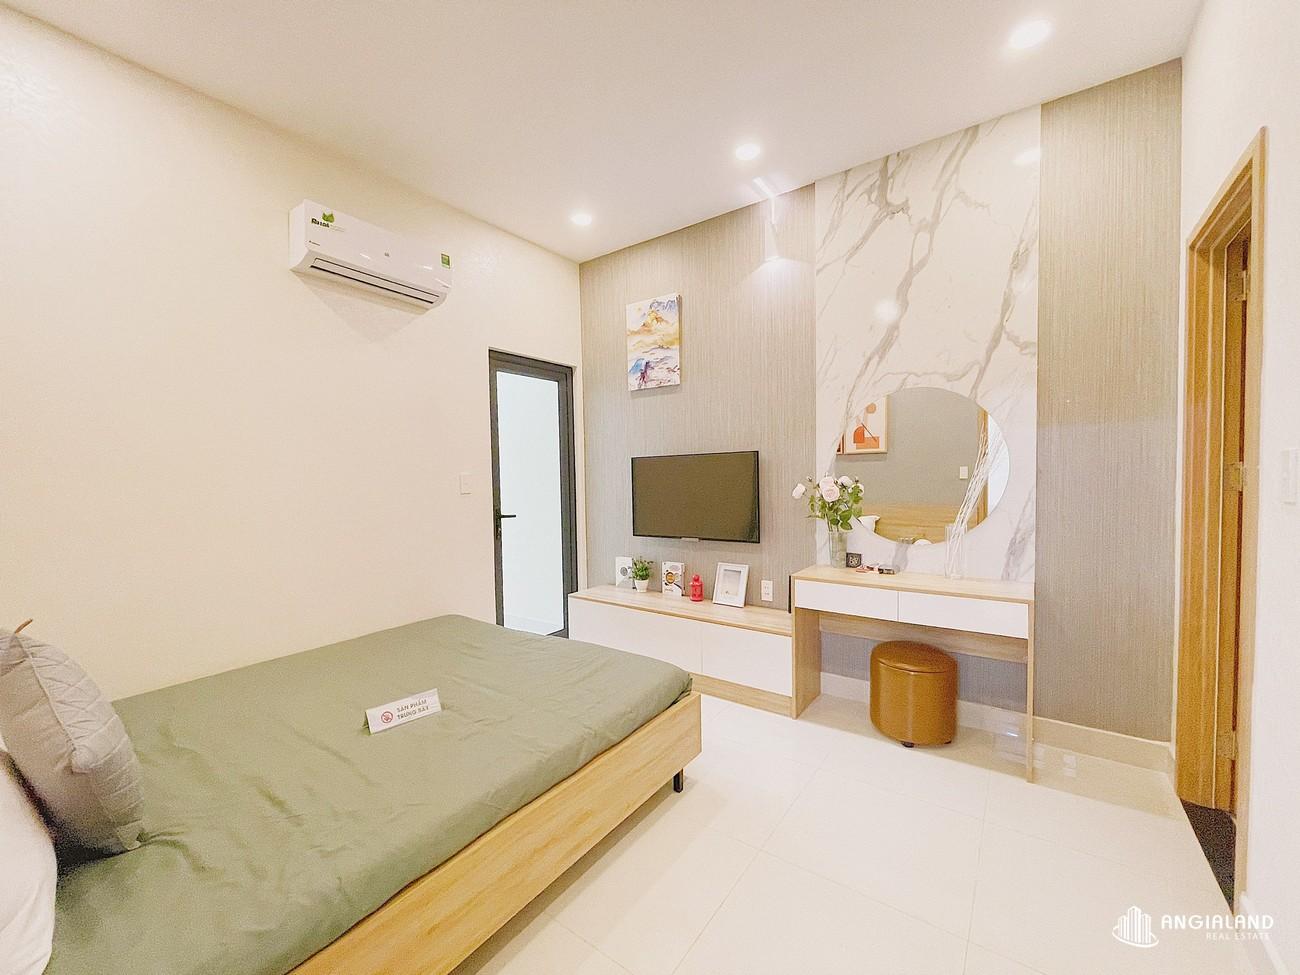 Phòng ngủ 2 nhà mẫu 59m2 Parkview Apartment Thuận An Bình Dương